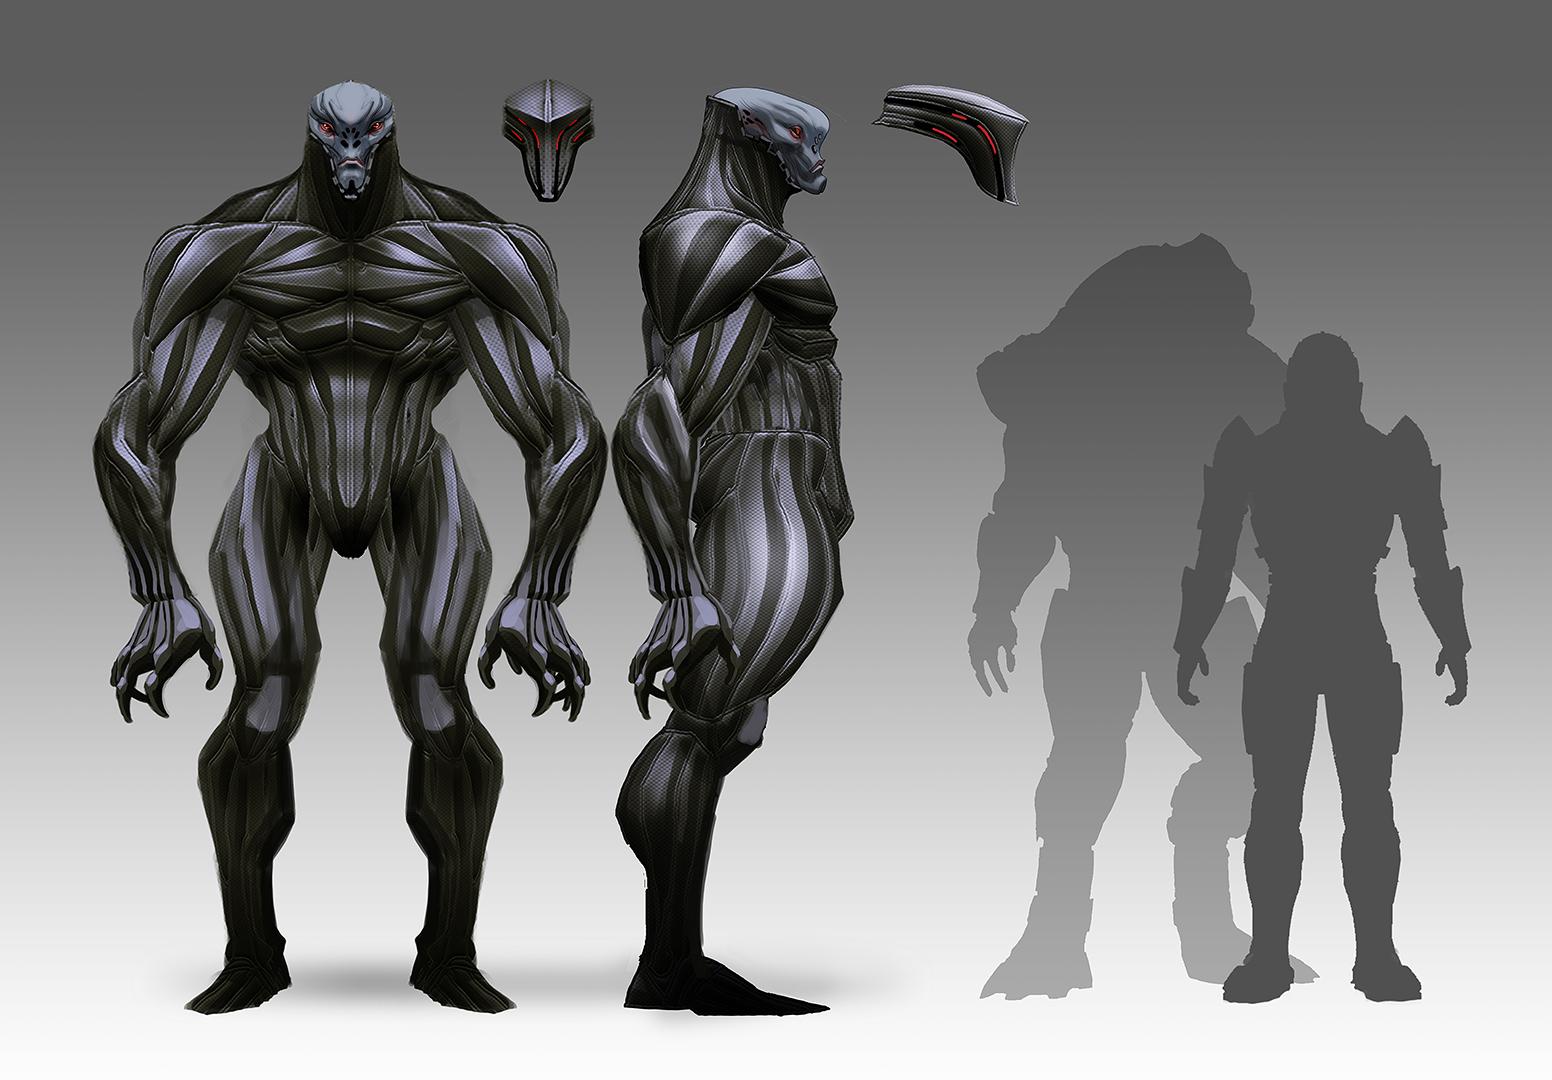 Takhle mohl původně vypadat Mass Effect a Dragon Age 85159